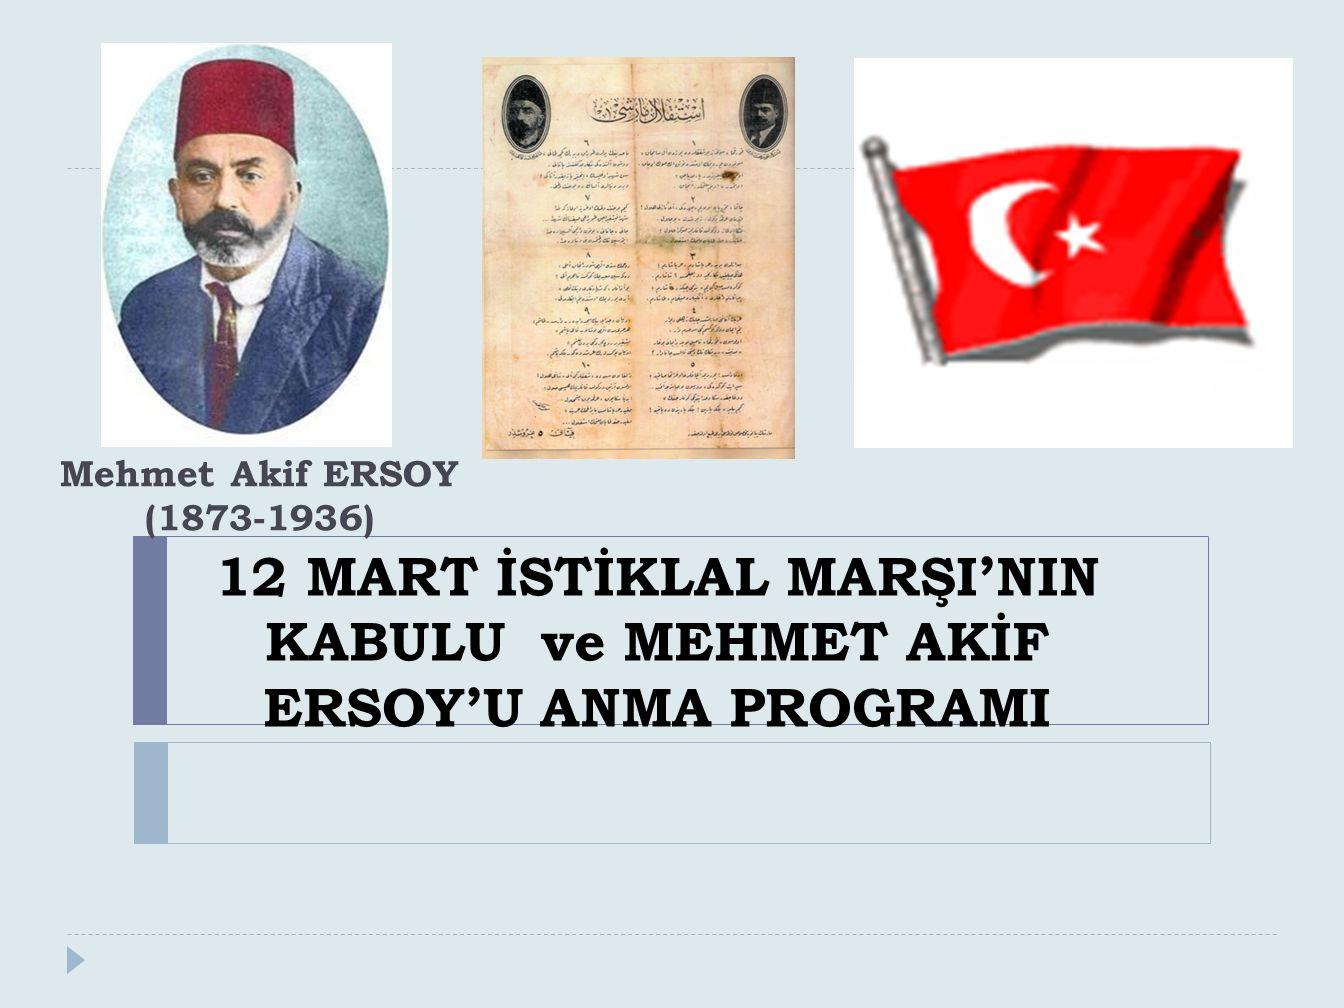  12 mart 1921 Cumartesi günü saat 17:45'te milletvekilleri tarafından dört defa ayakta dinlenip alkışlanarak ittifakla kabul edildi.